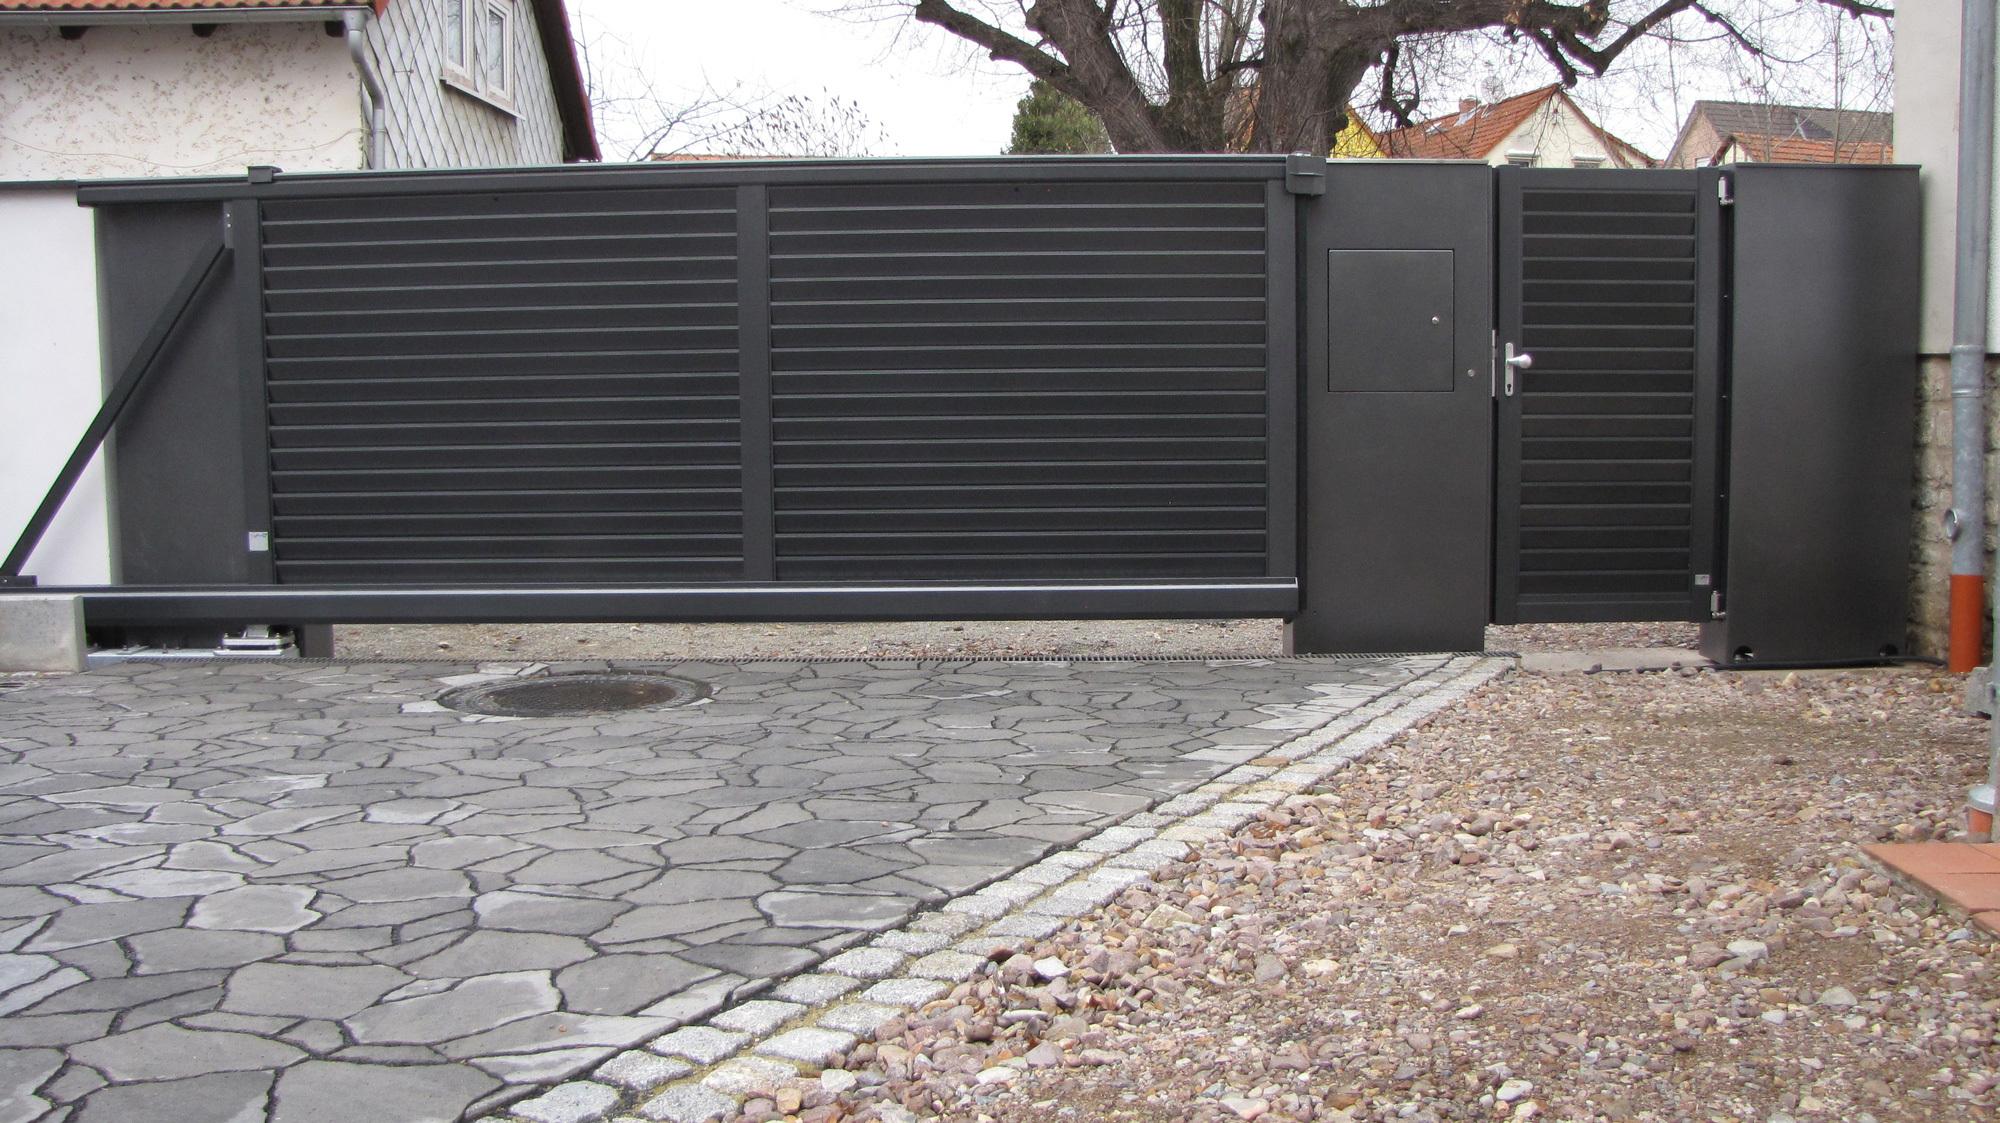 Bucherregal Metall Design ~ Tore türen zäune aus metall